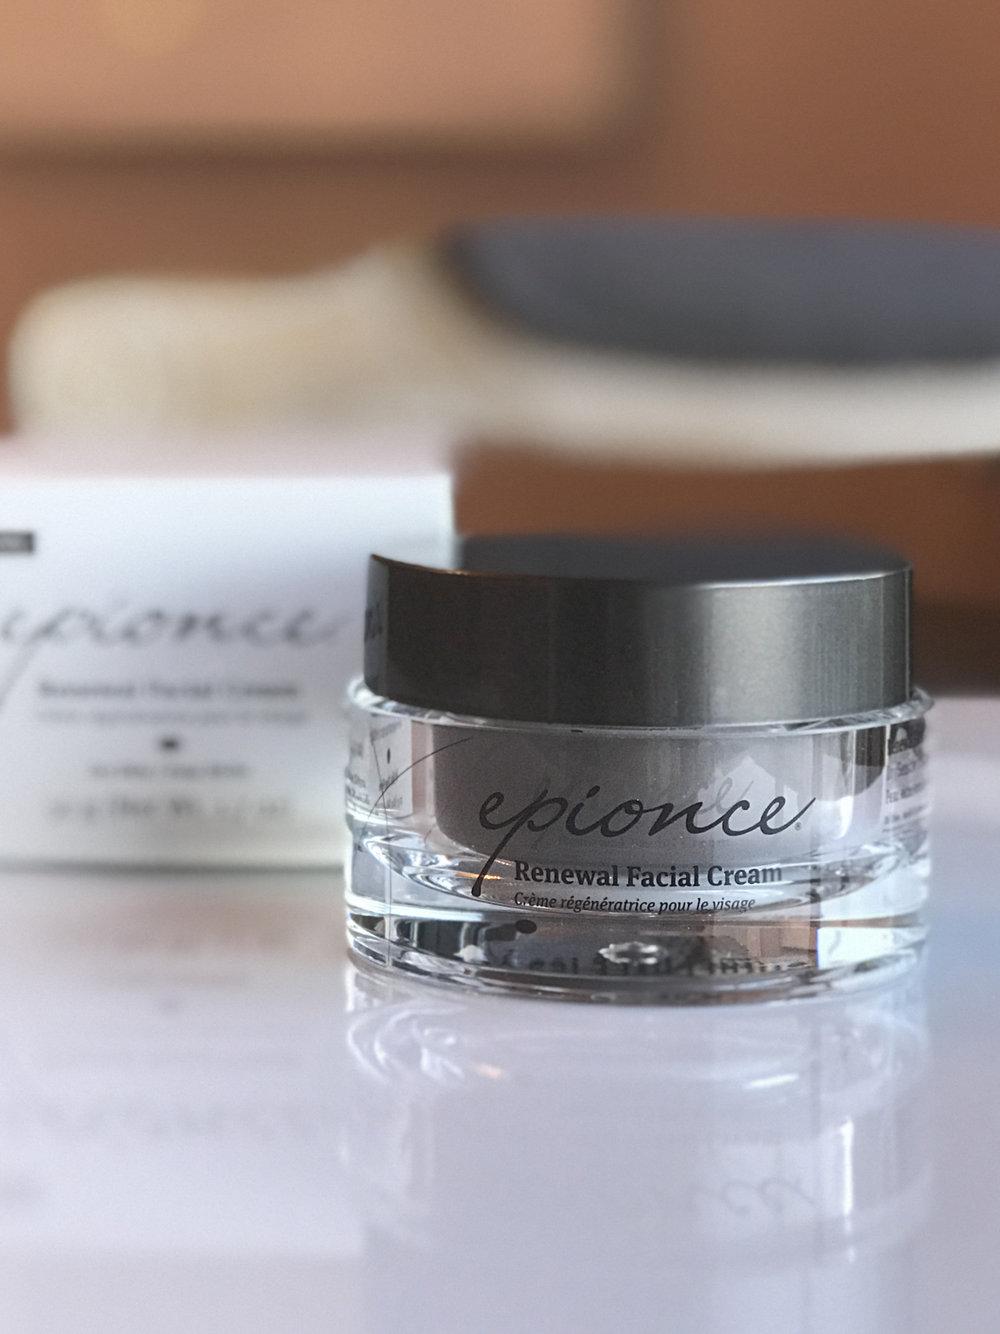 Epionce Renewal Facial Cream